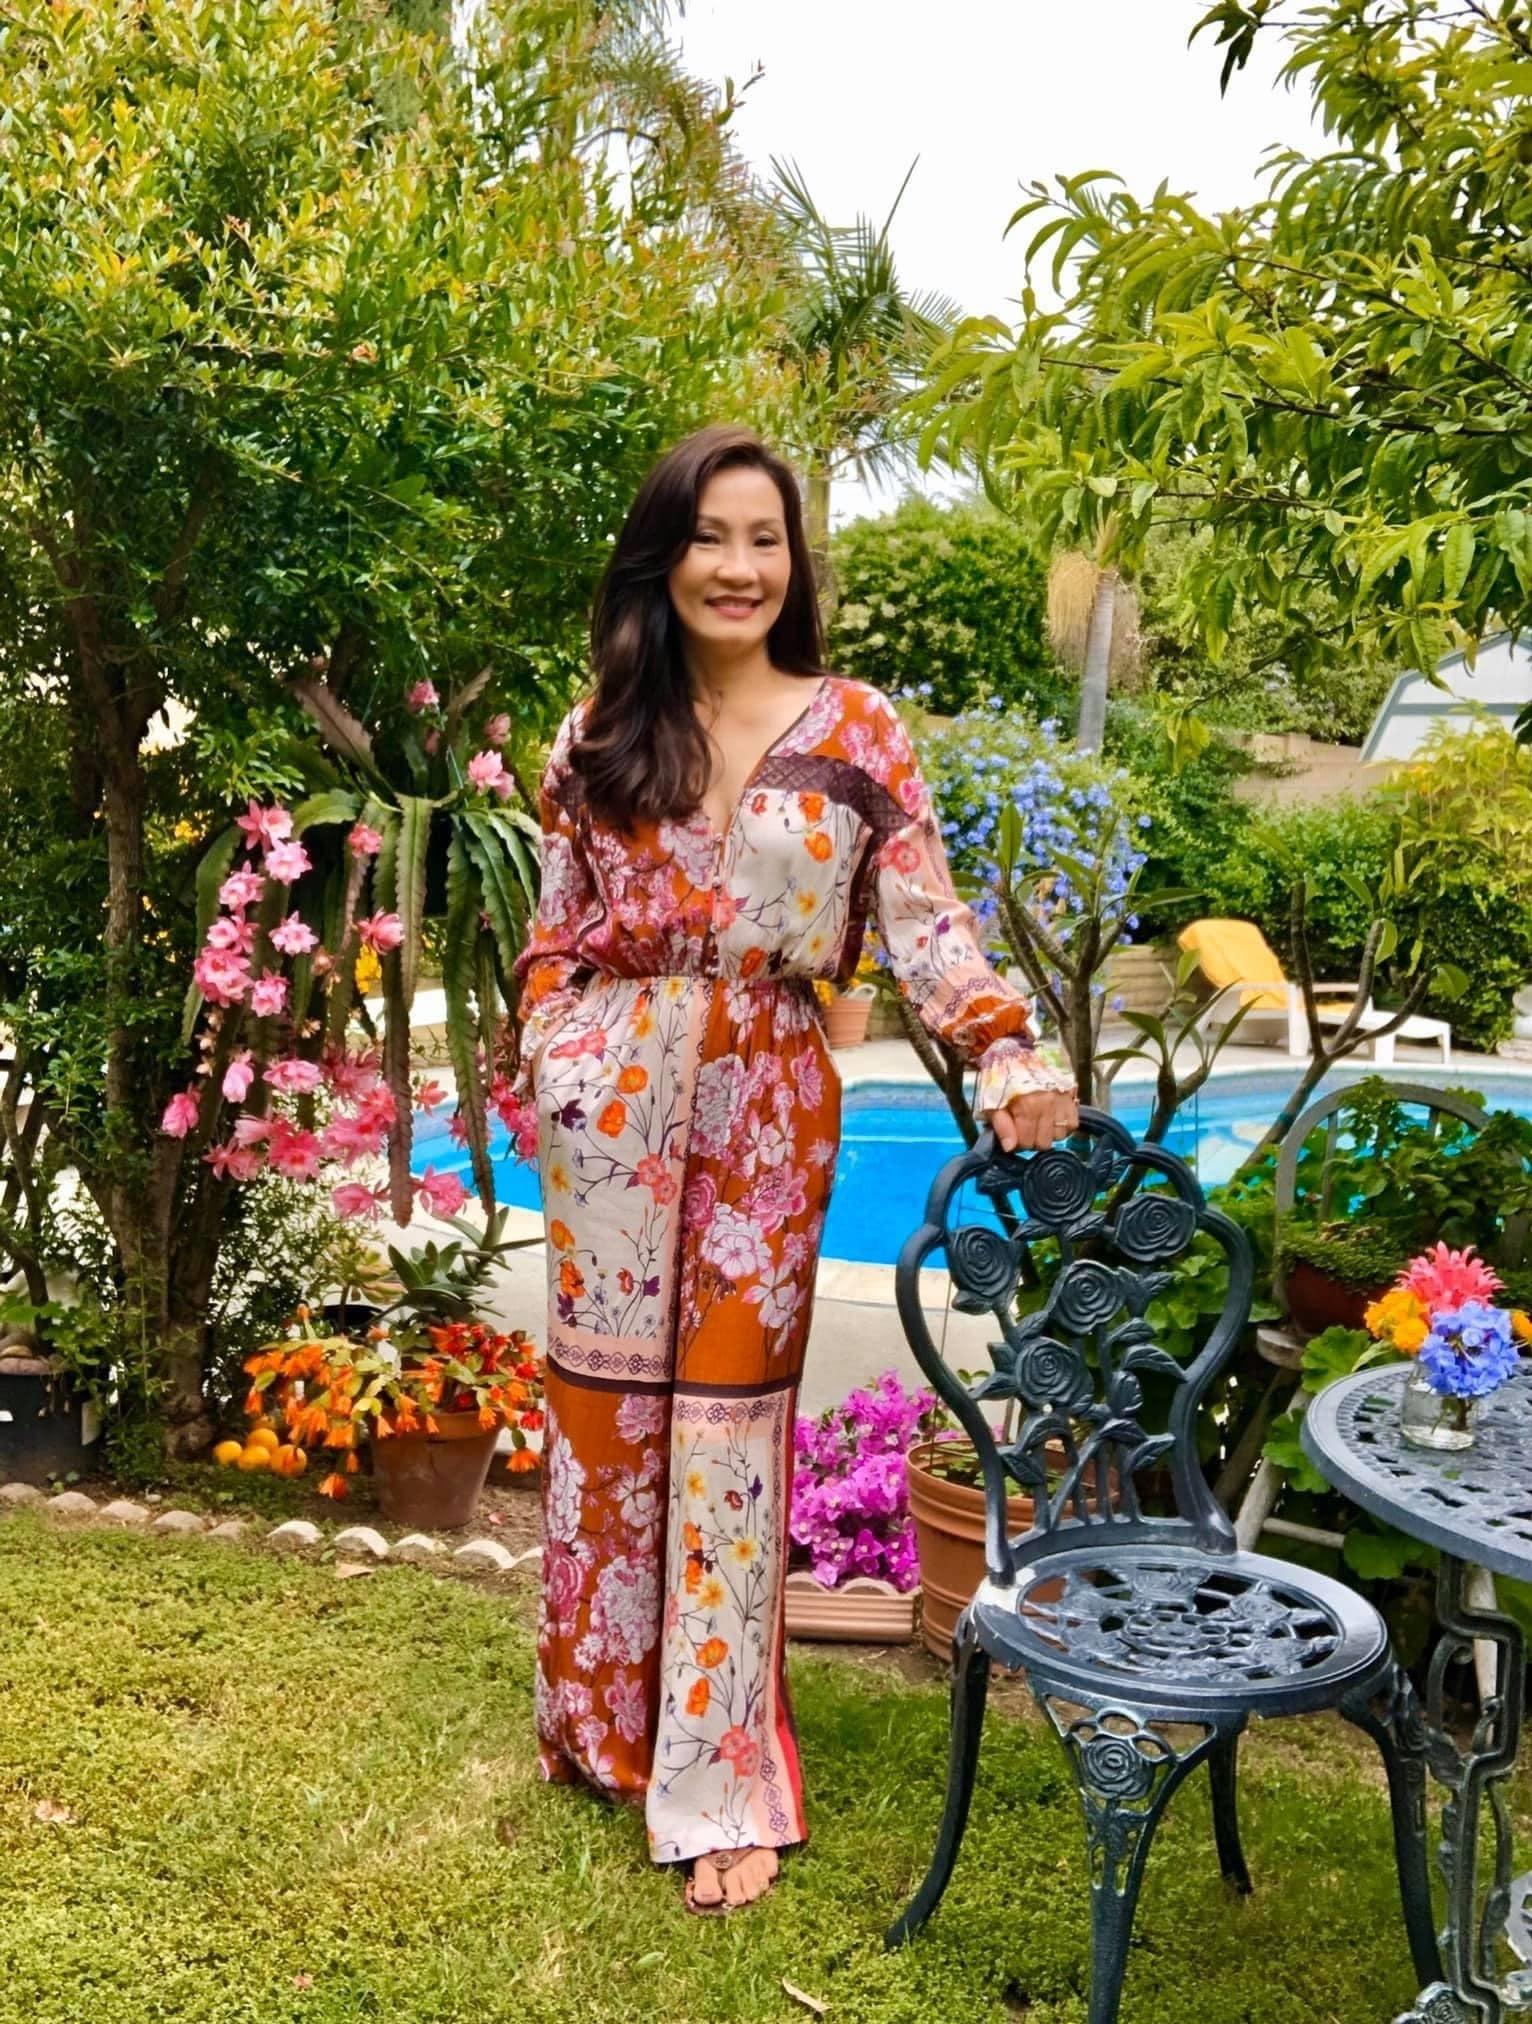 Biệt thự đẹp và nhiều hoa của nghệ sĩ Hồng Đào tại Mỹ